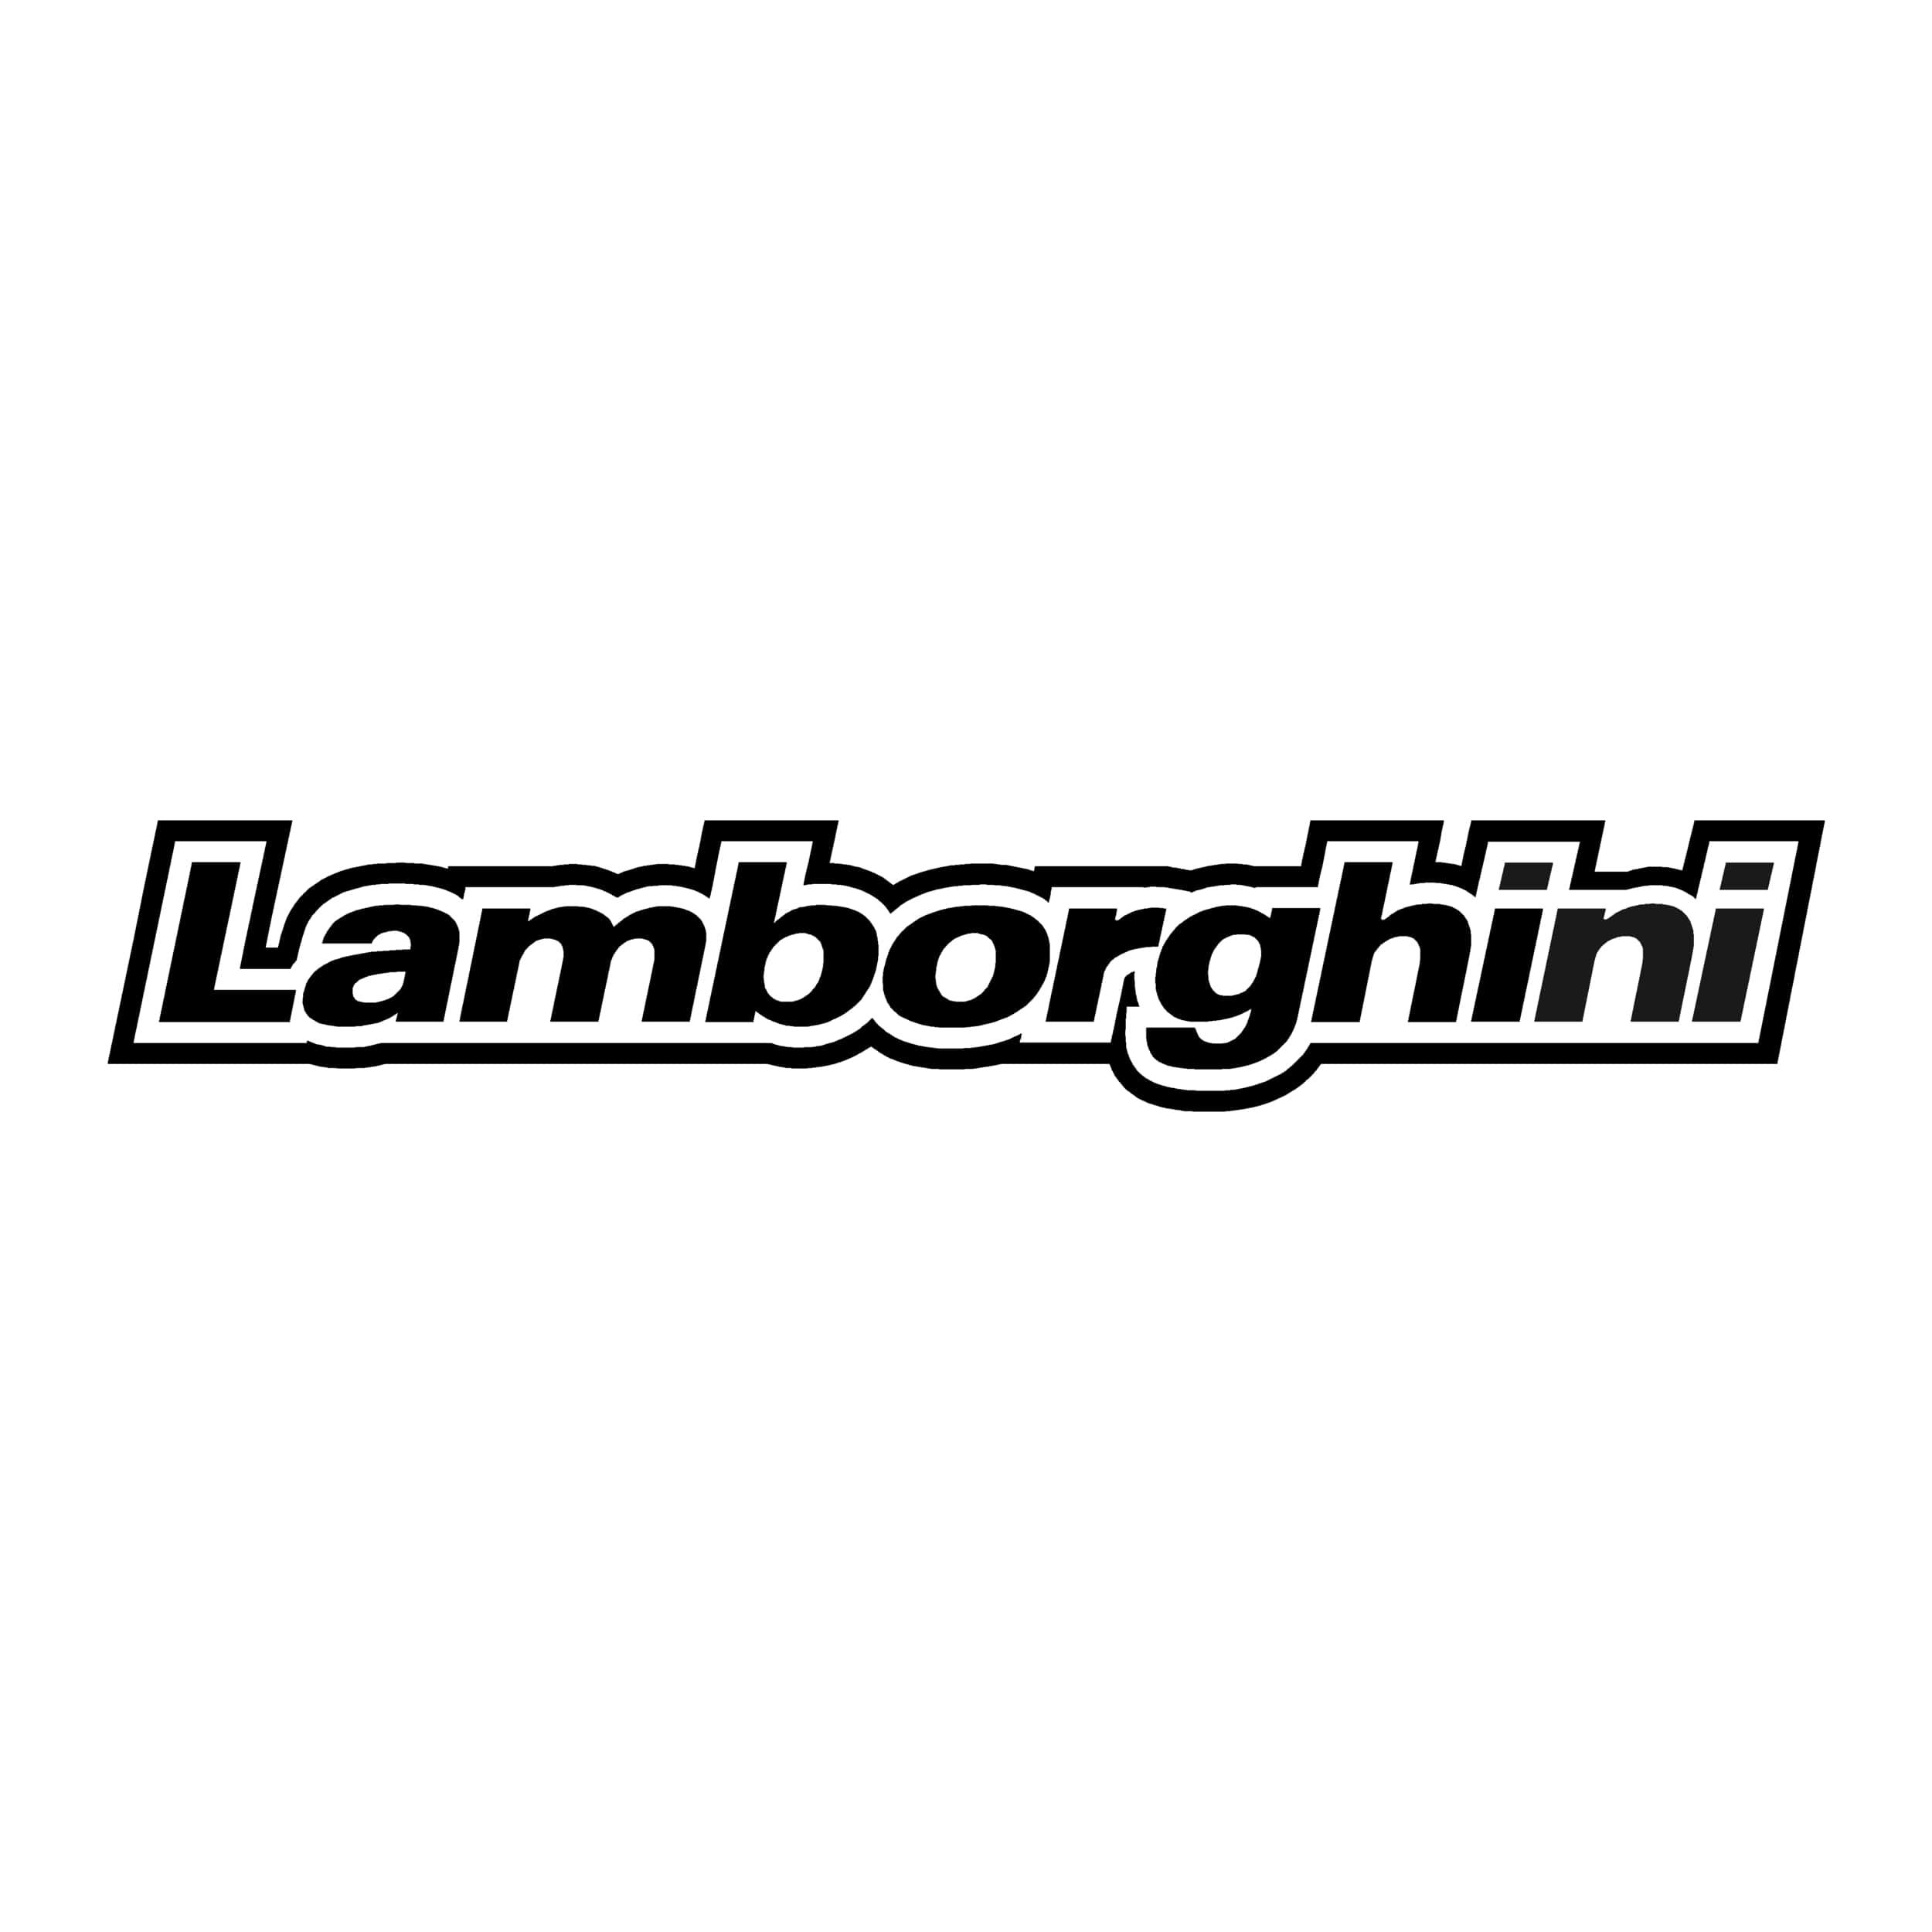 stickers-lamborghini-ref-7-auto-tuning-amortisseur-4x4-tout-terrain-auto-camion-competition-rallye-autocollant-min